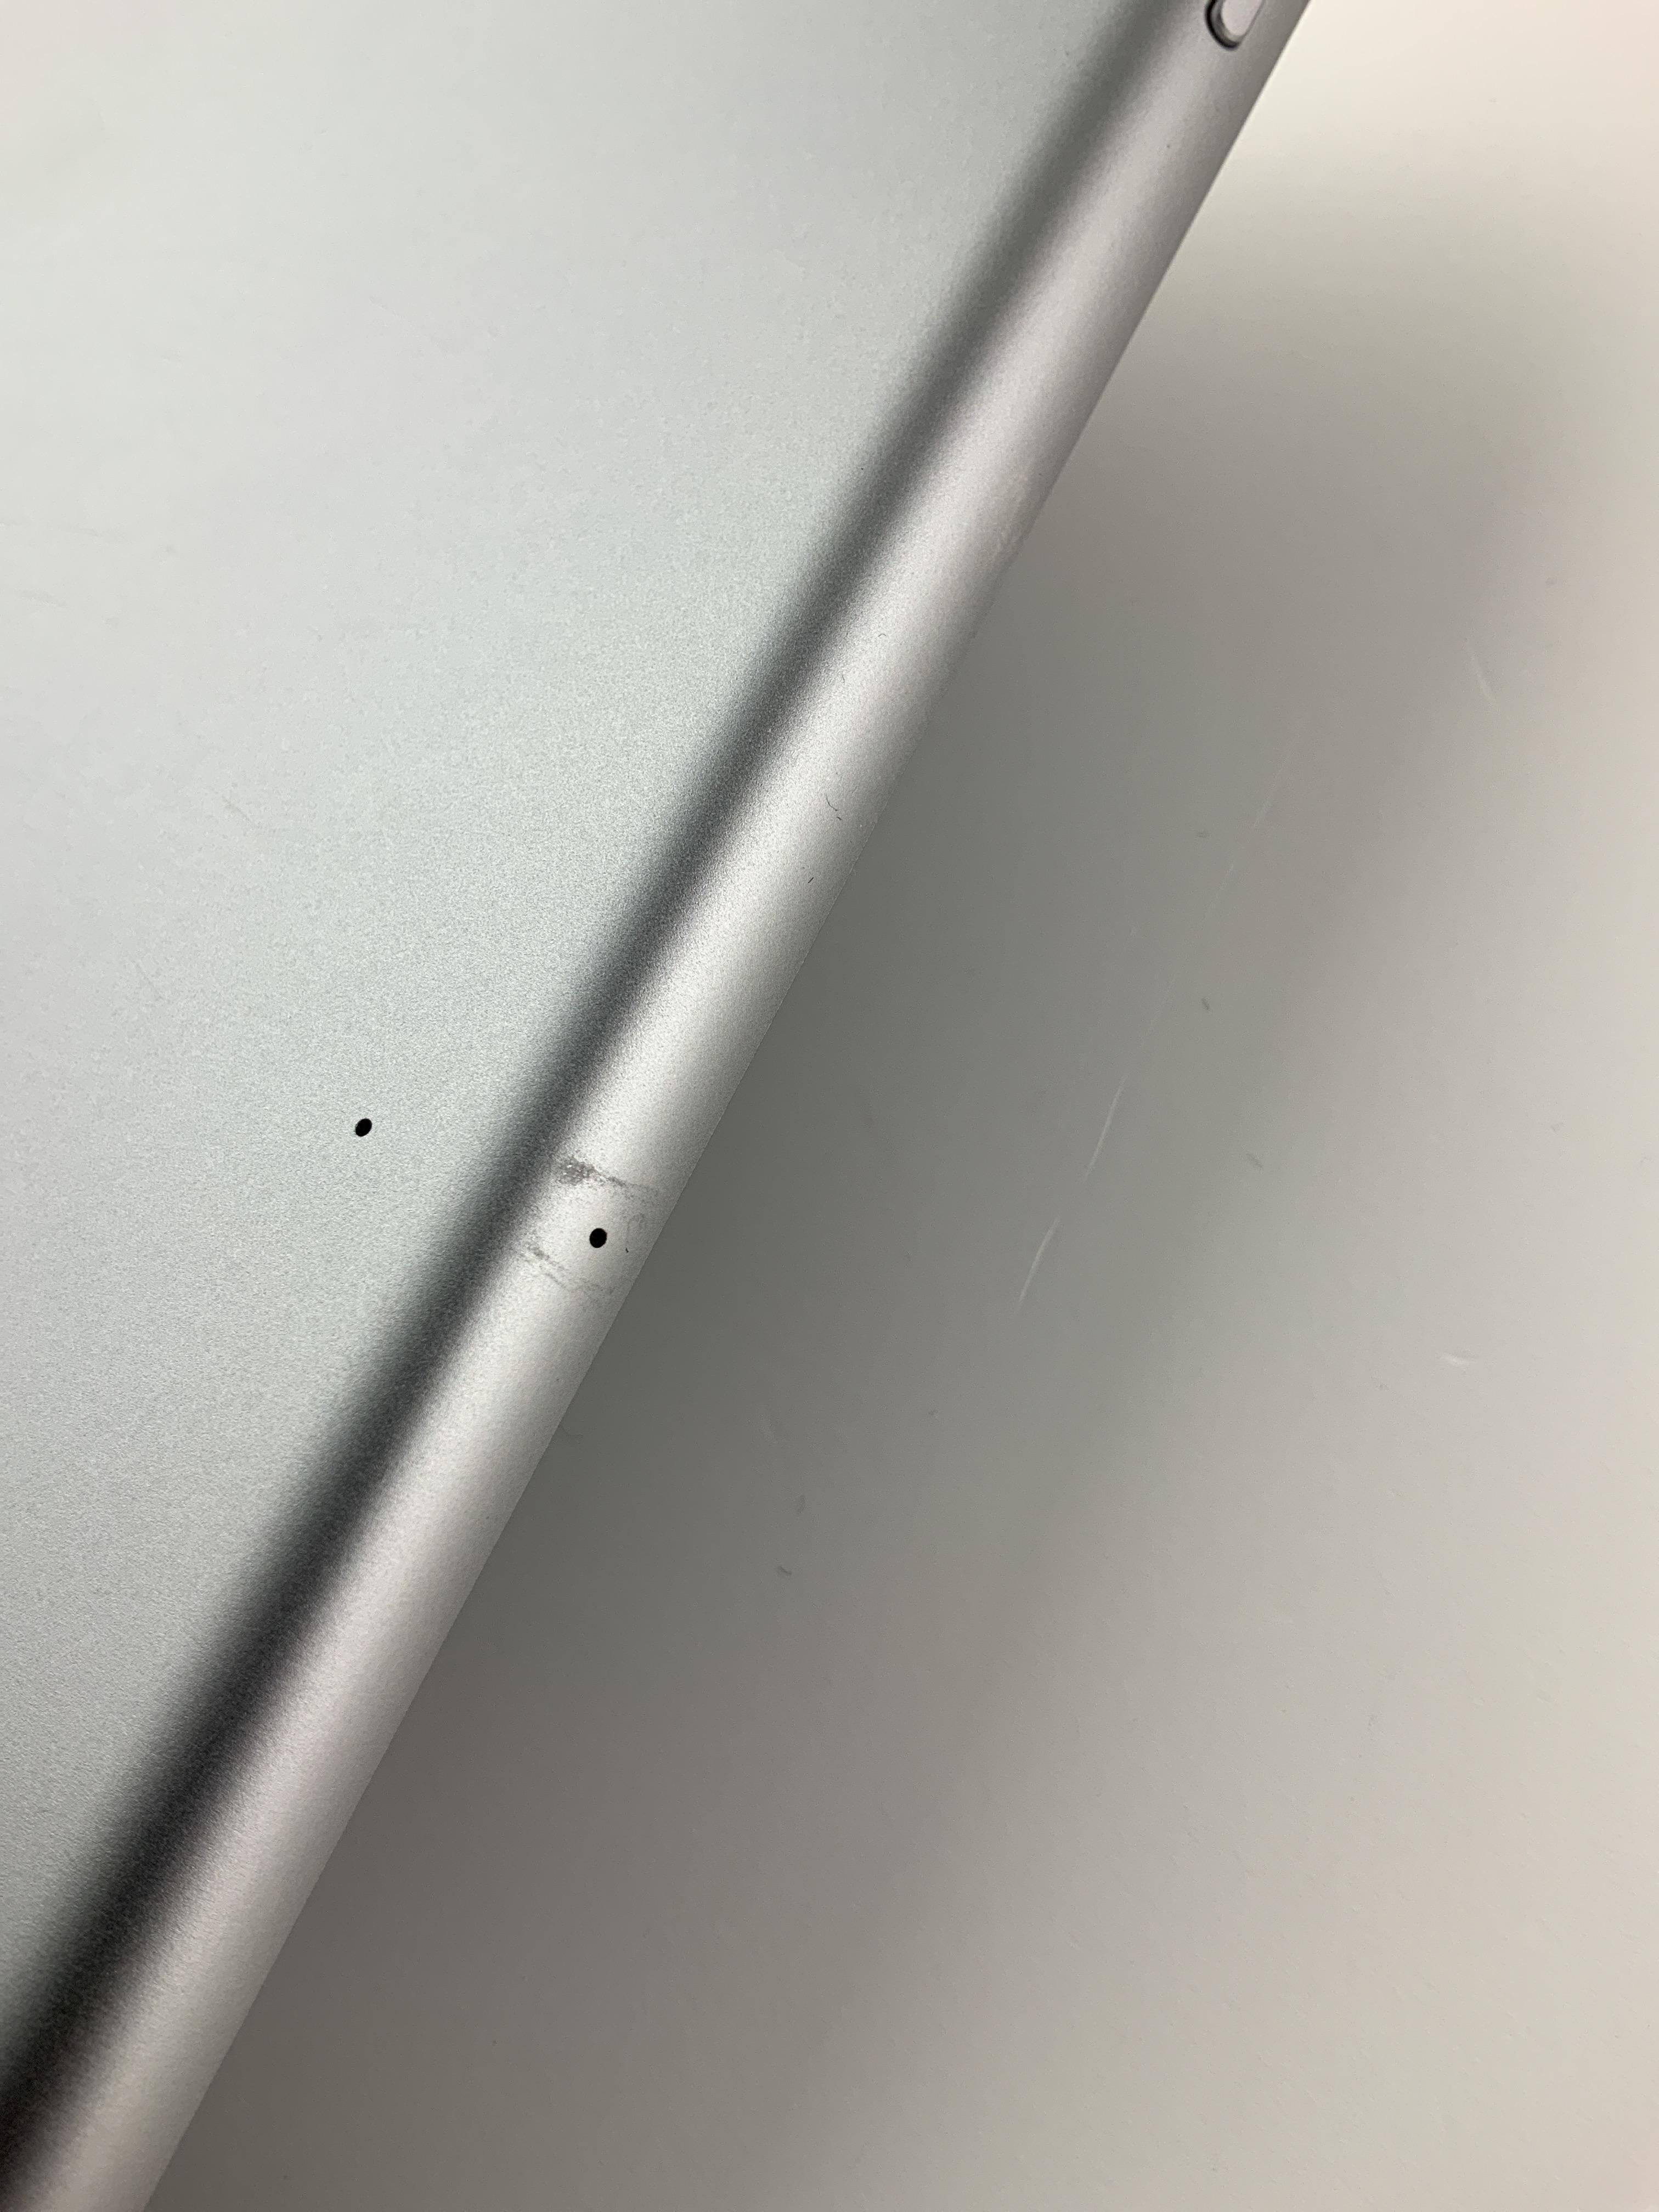 iPad 5 Wi-Fi 32GB, 32GB, Space Gray, imagen 3